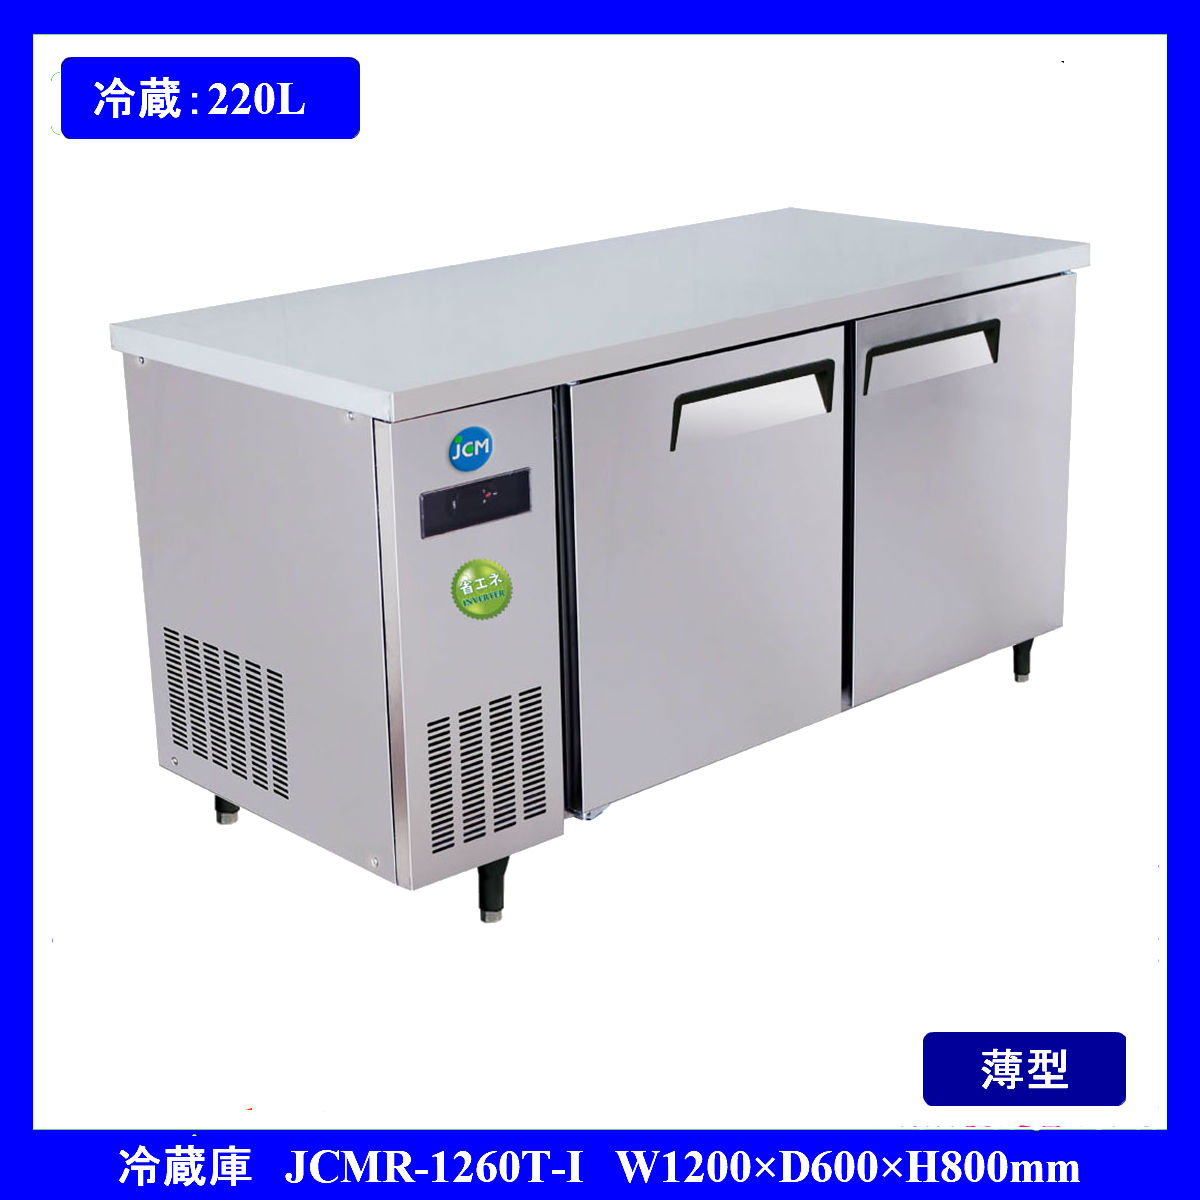 【送料無料】【新品】220L コールドテーブル ヨコ型冷蔵庫 JCMR-1260T-I